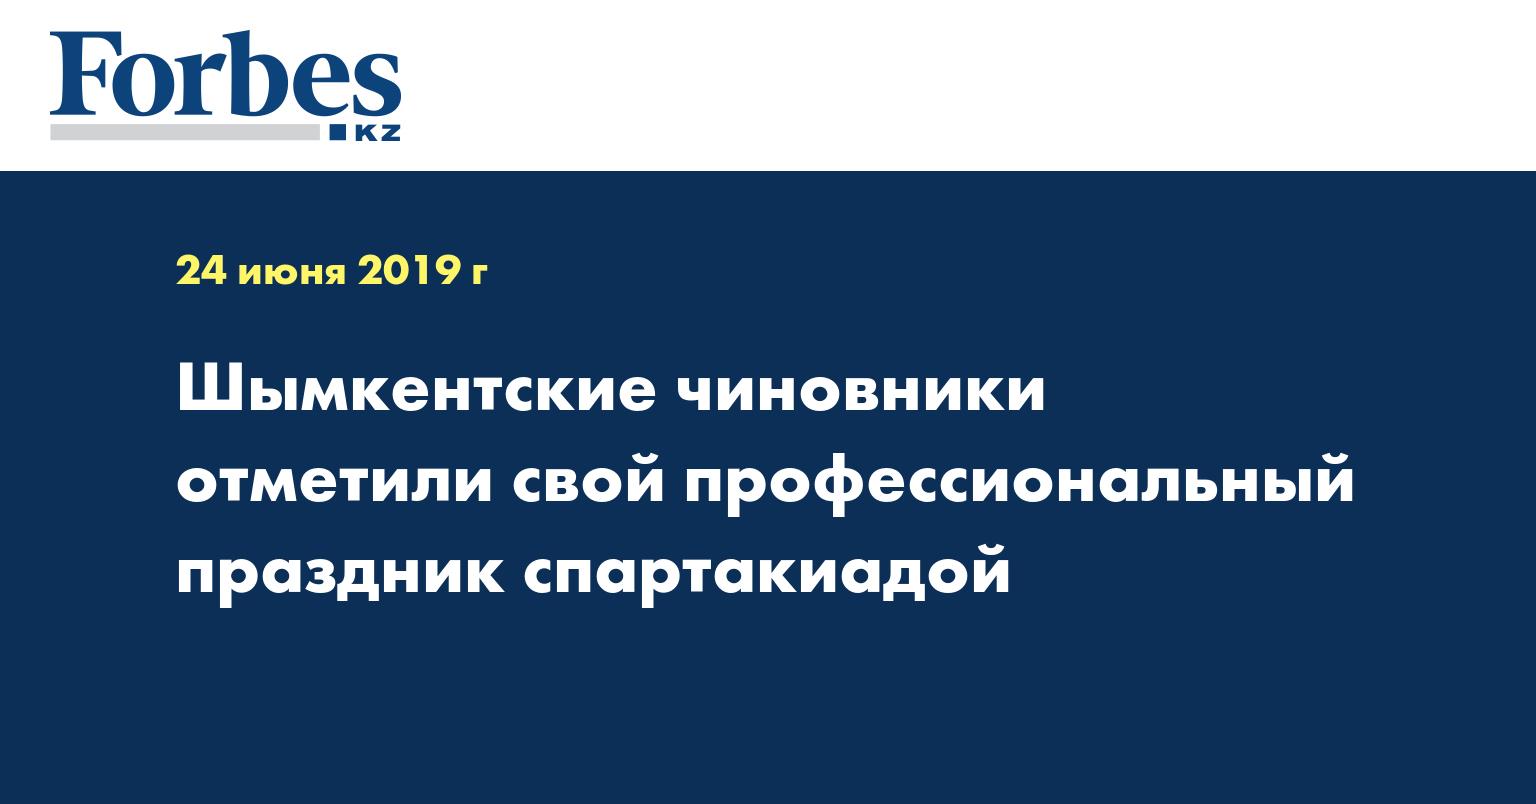 Шымкентские чиновники отметили свой профессиональный праздник спартакиадой